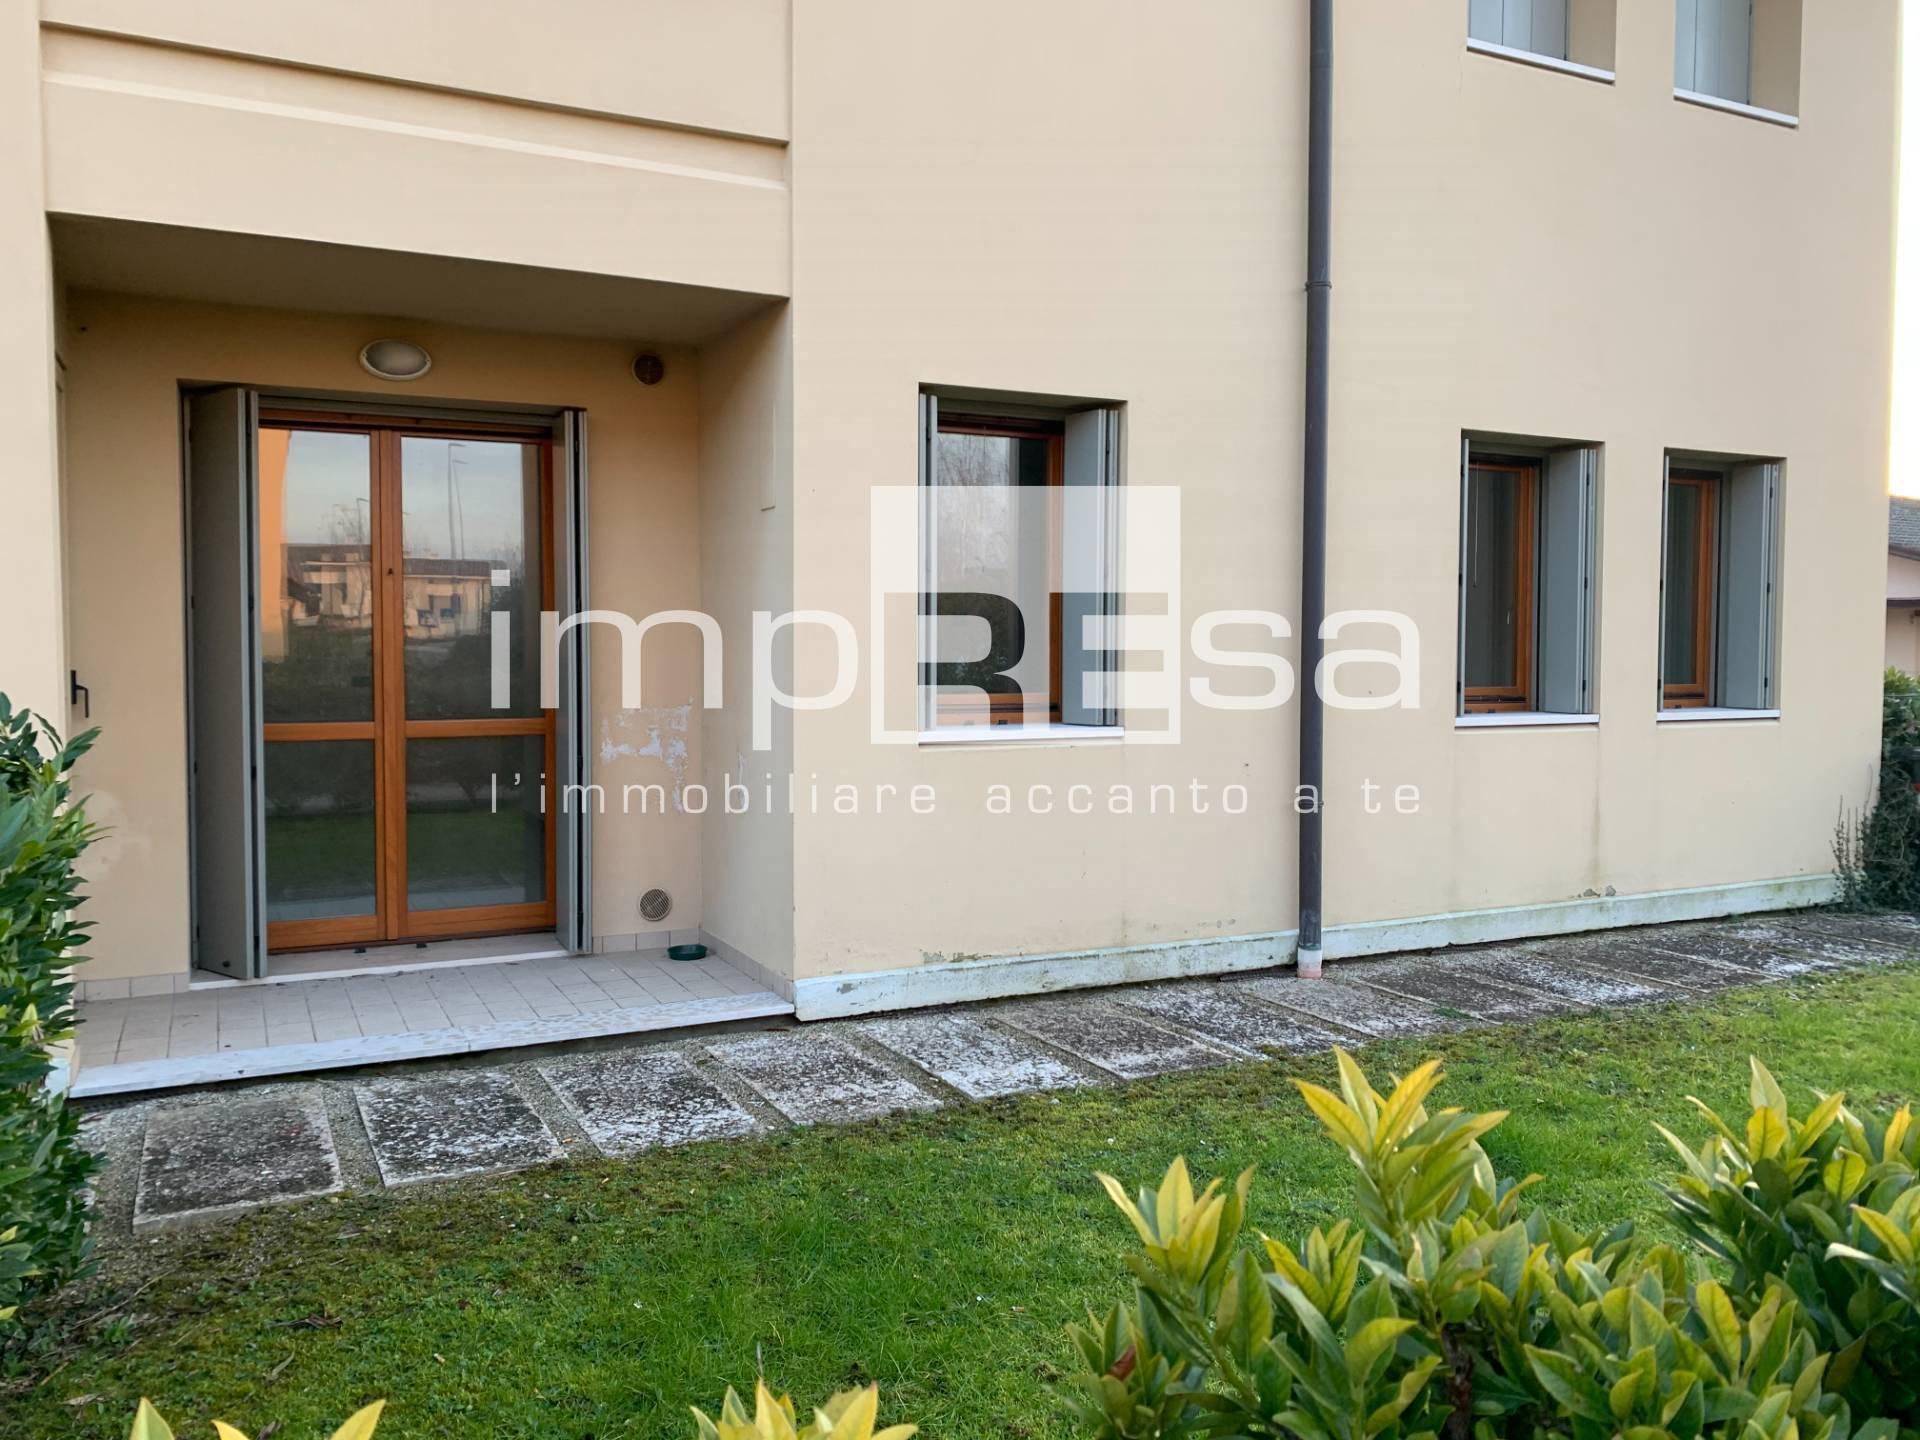 Appartamento in vendita a Mareno di Piave, 3 locali, prezzo € 80.000   PortaleAgenzieImmobiliari.it